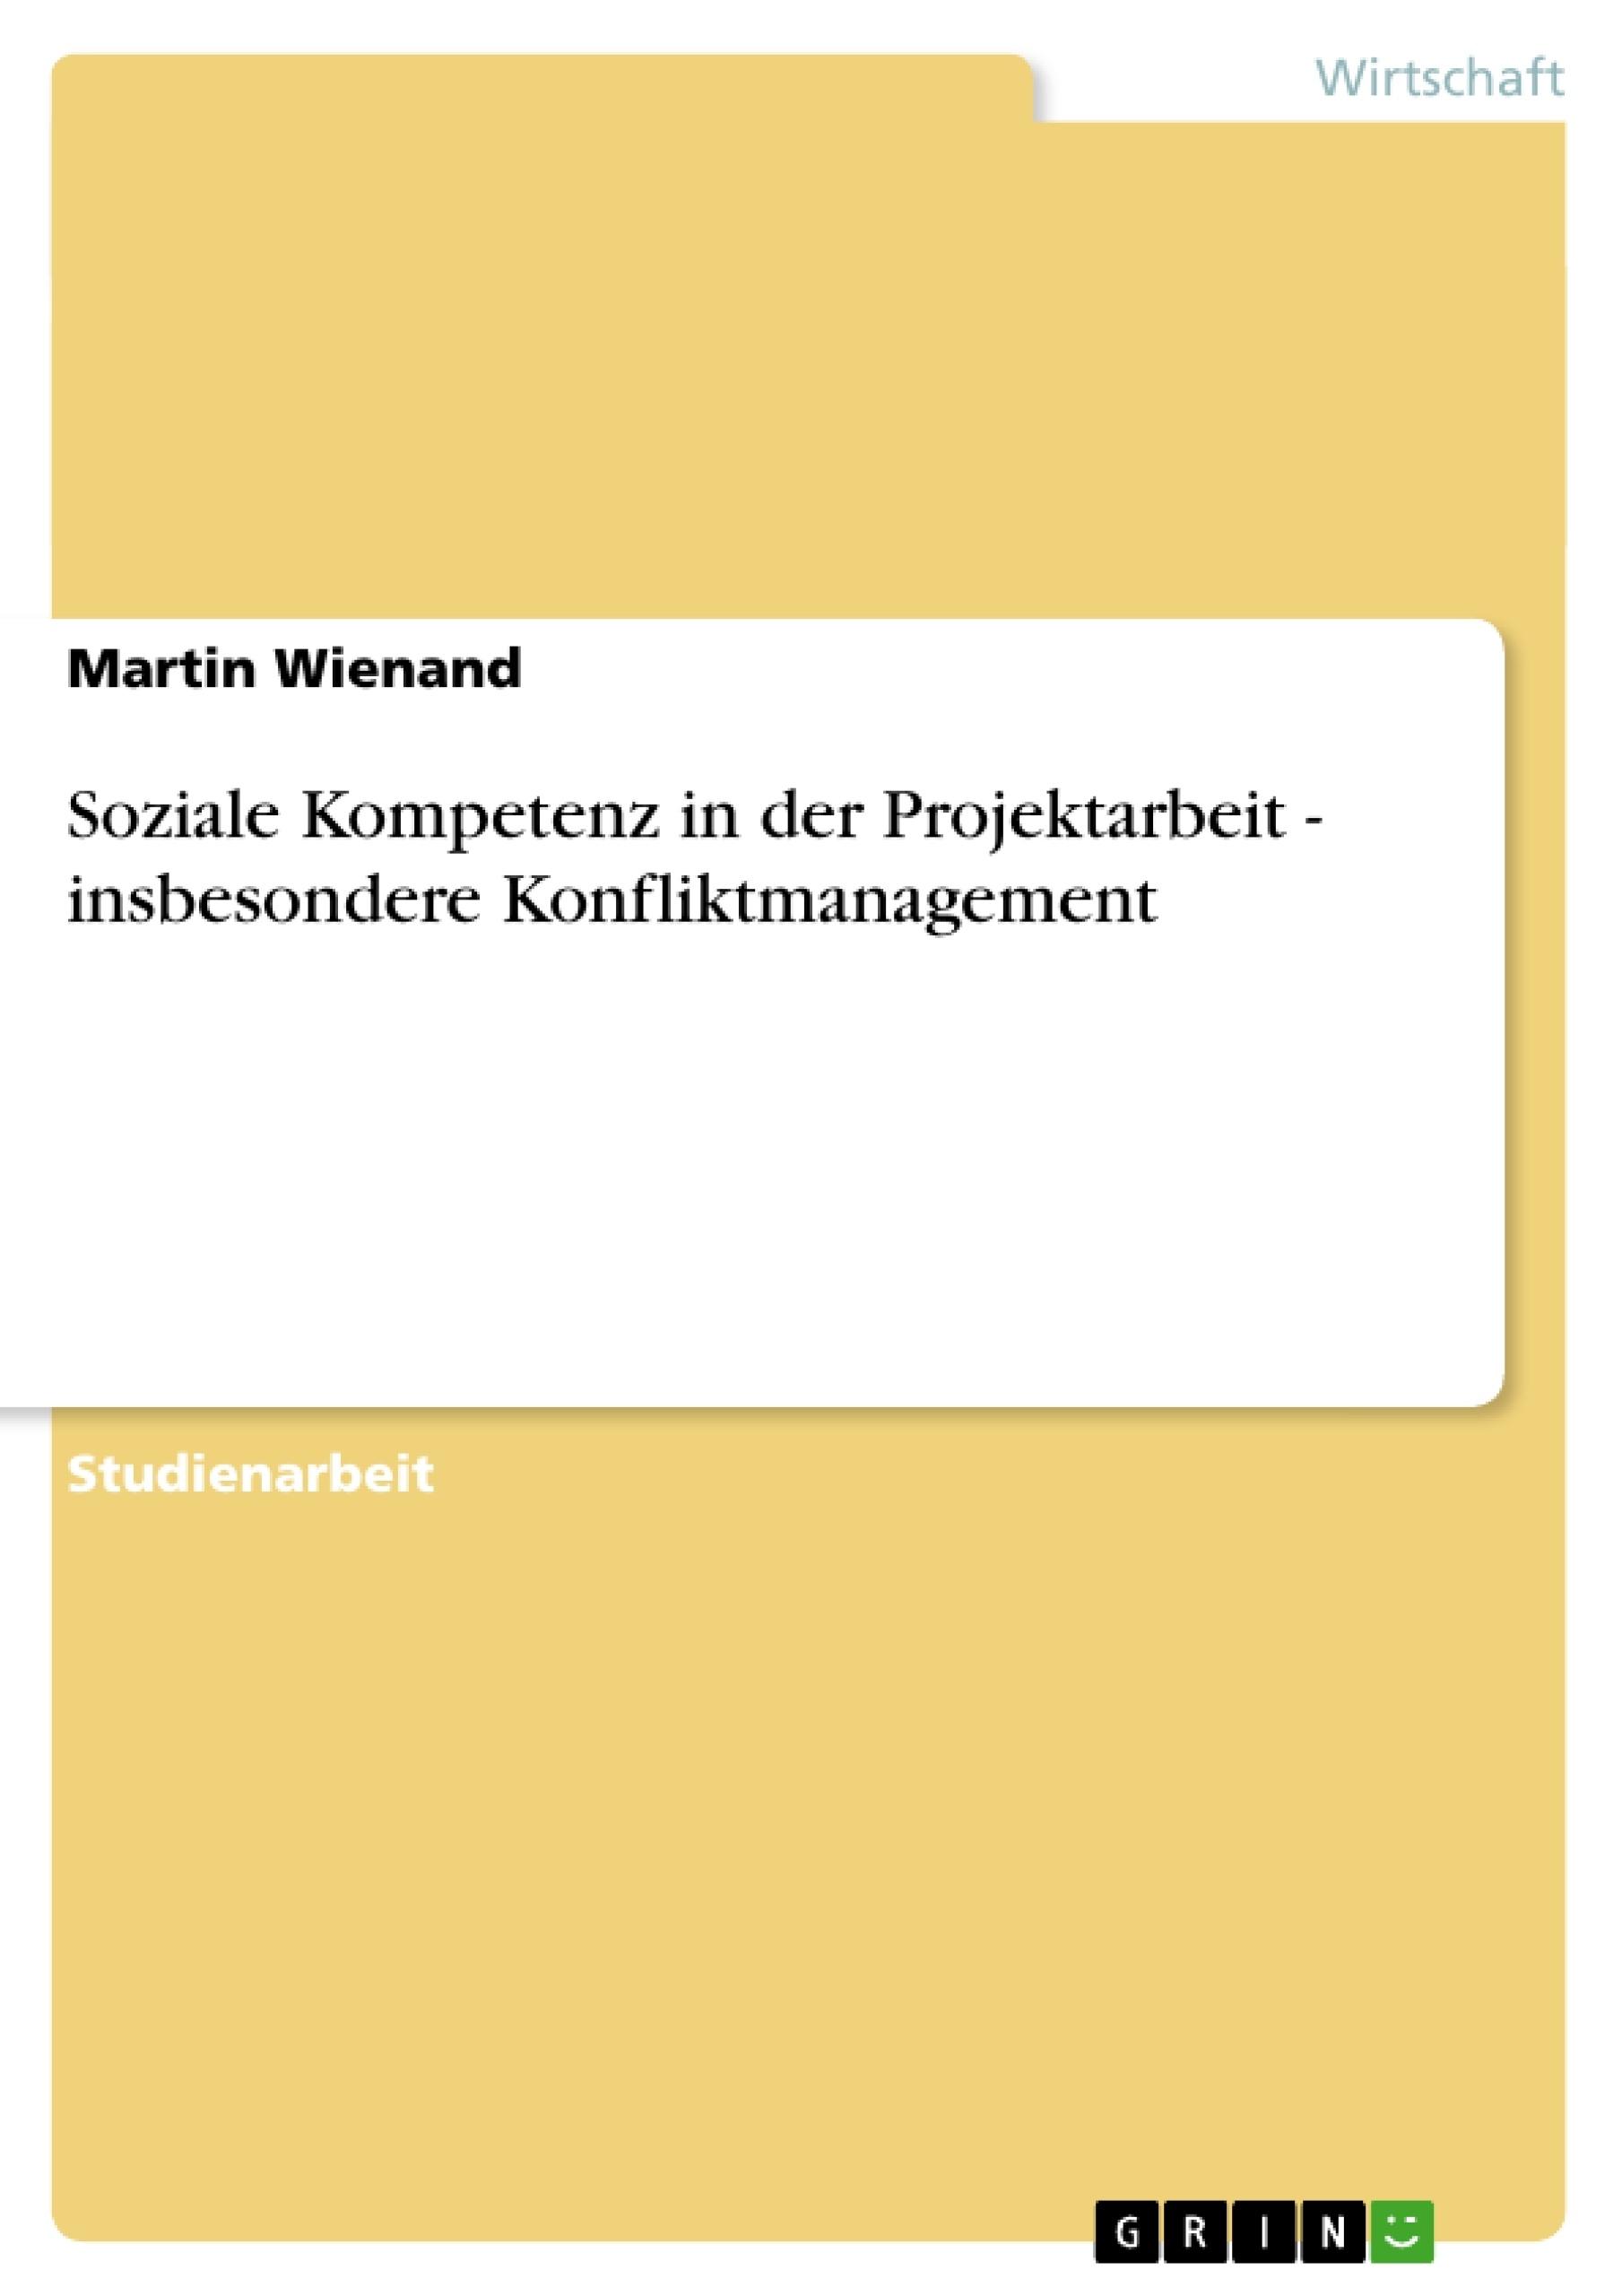 Titel: Soziale Kompetenz in der Projektarbeit - insbesondere Konfliktmanagement